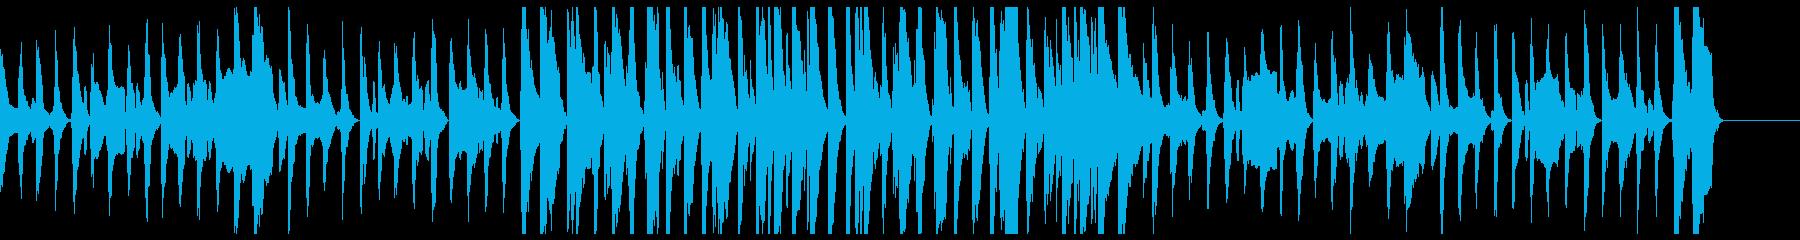 いたずらを企てるBGMの再生済みの波形